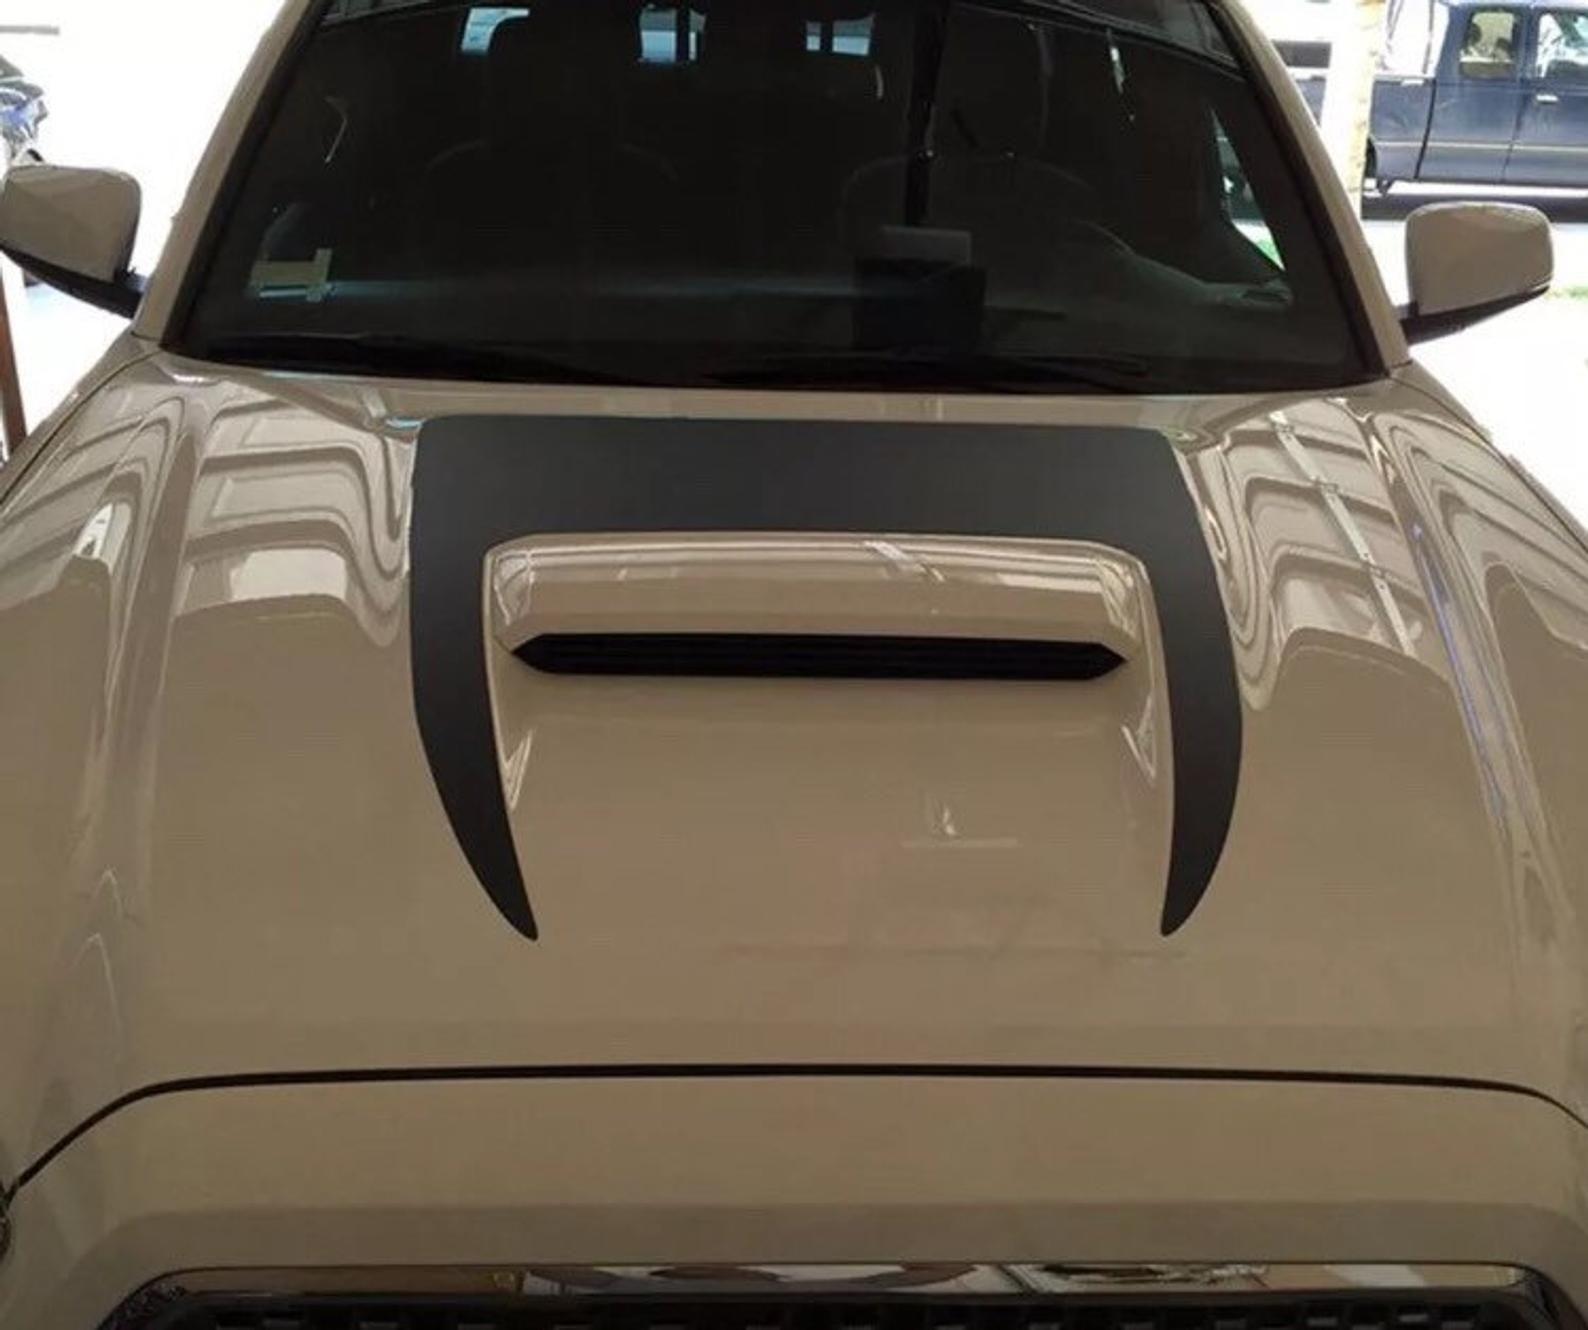 2015 to 2020 Toyota &4Runner Front Hood Scoop